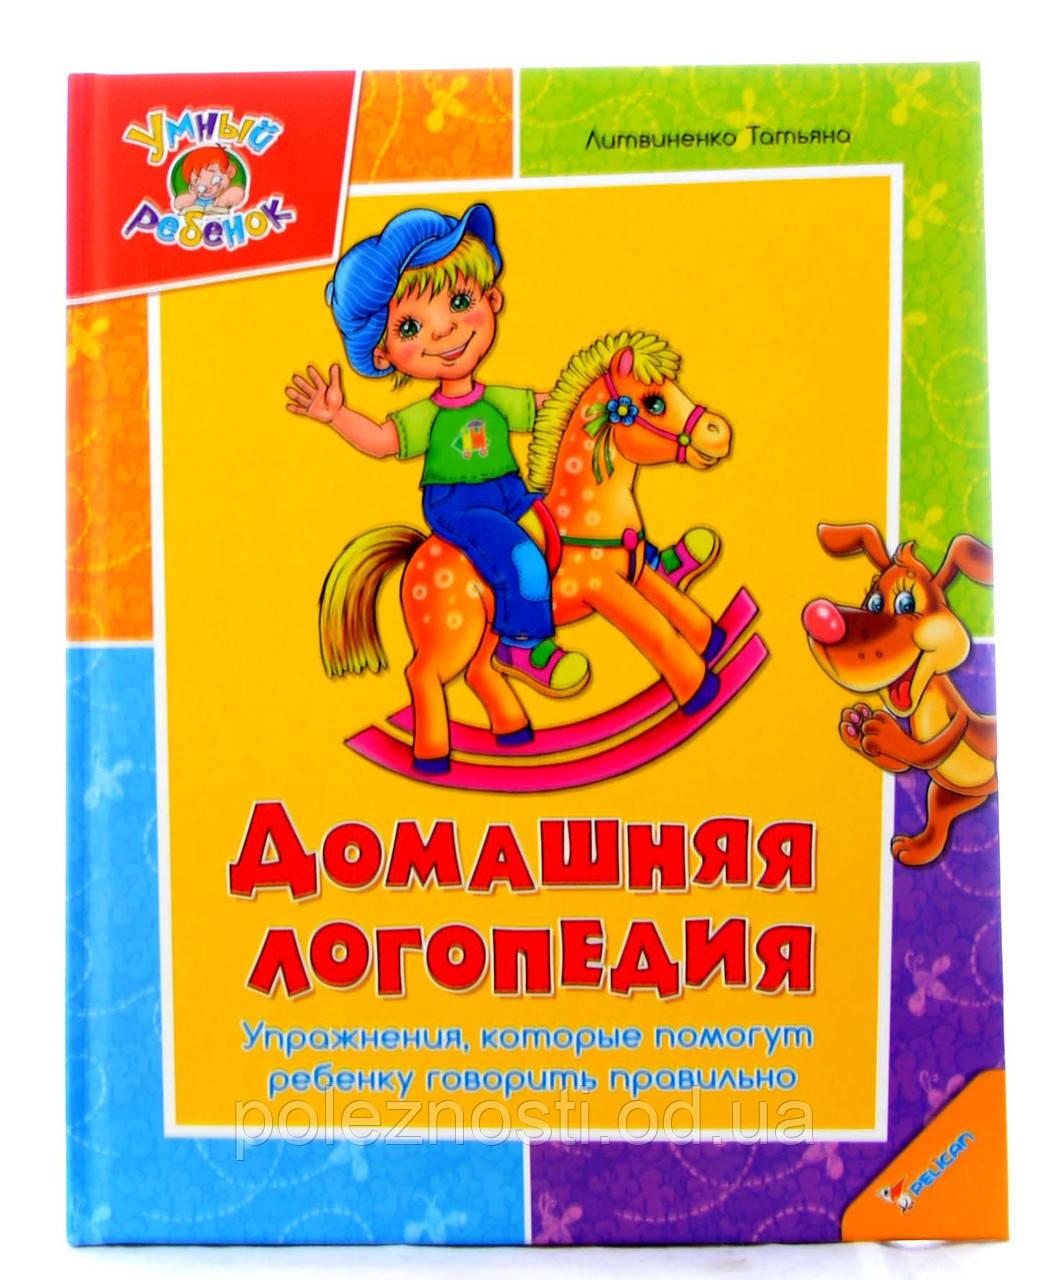 Б/У книга Домашняя логопедия, Литвиненко Т. (в отличном состоянии)